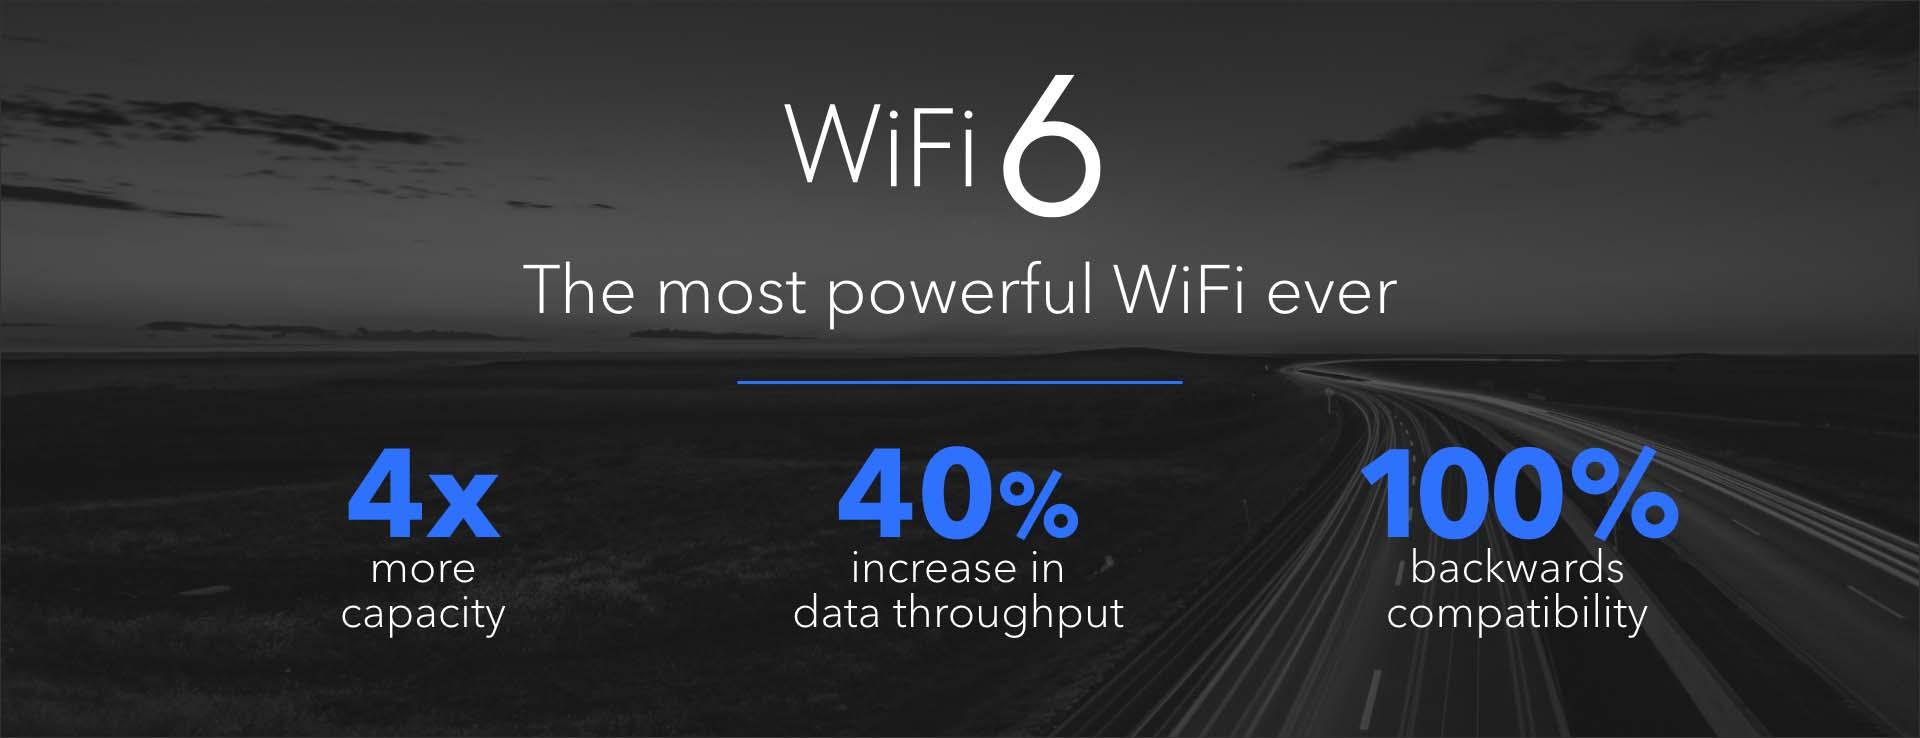 wifi6-nighthawk